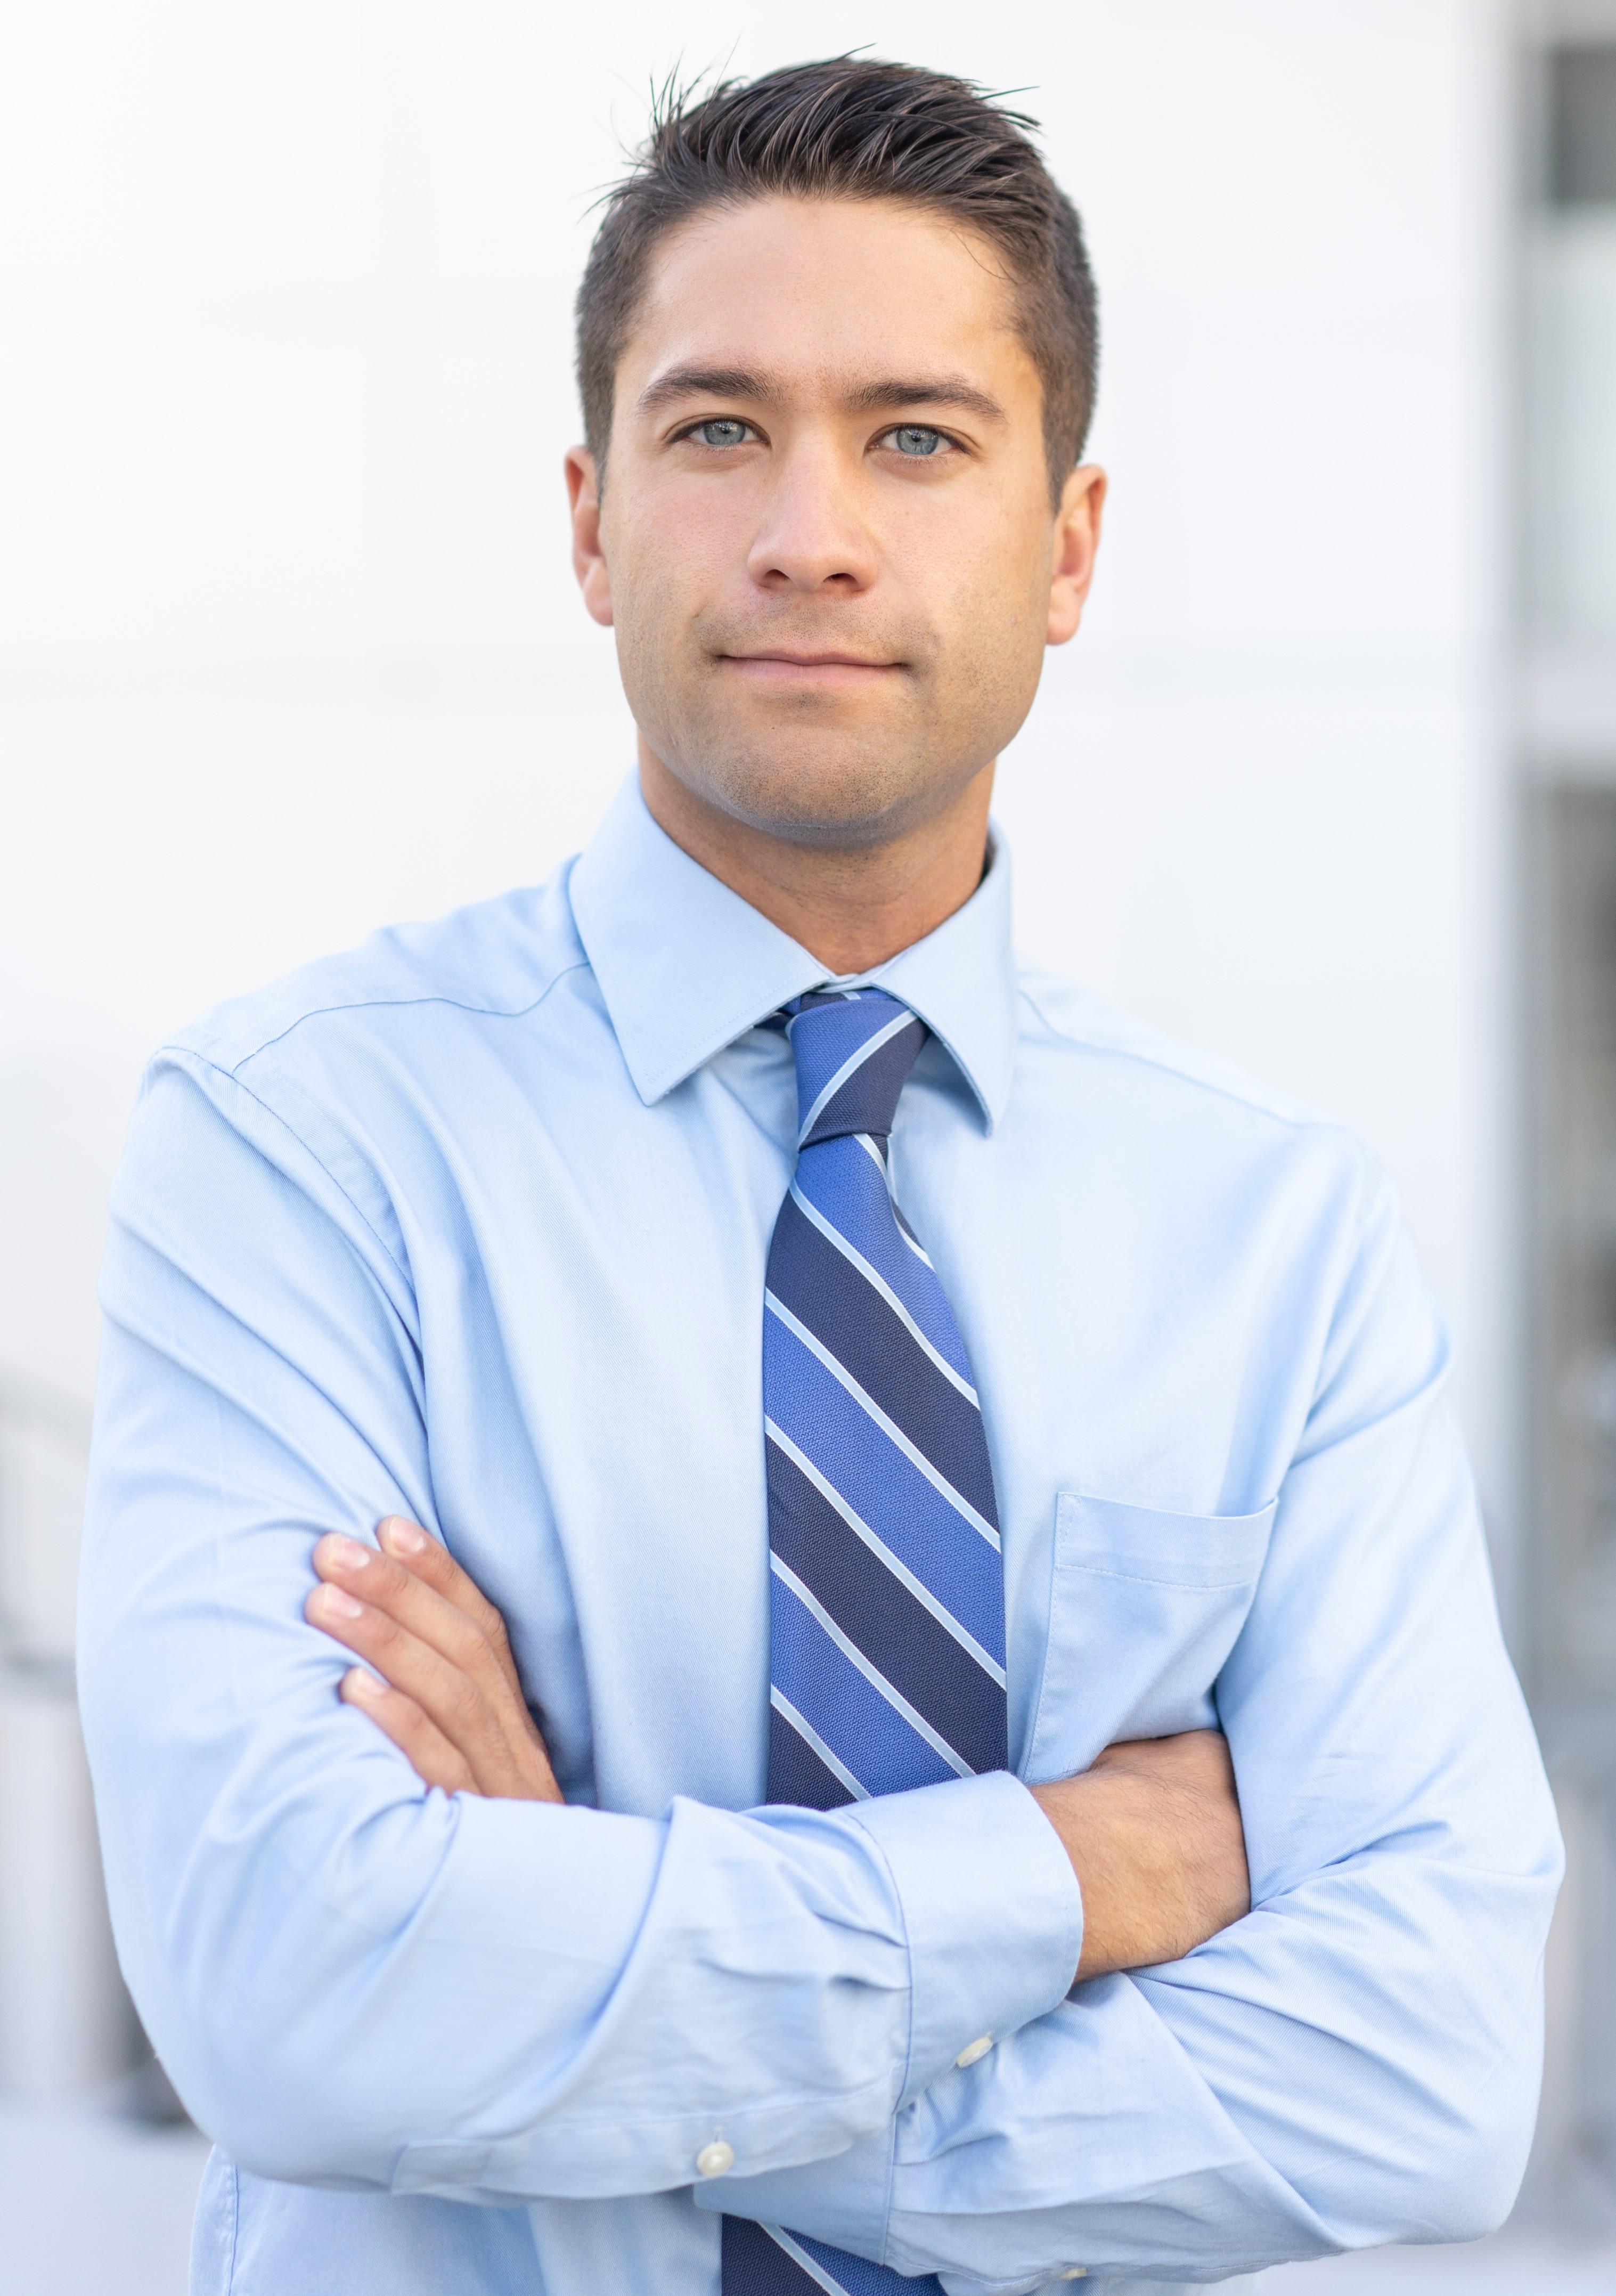 San Deigo real estate expert Benjamin Cyr